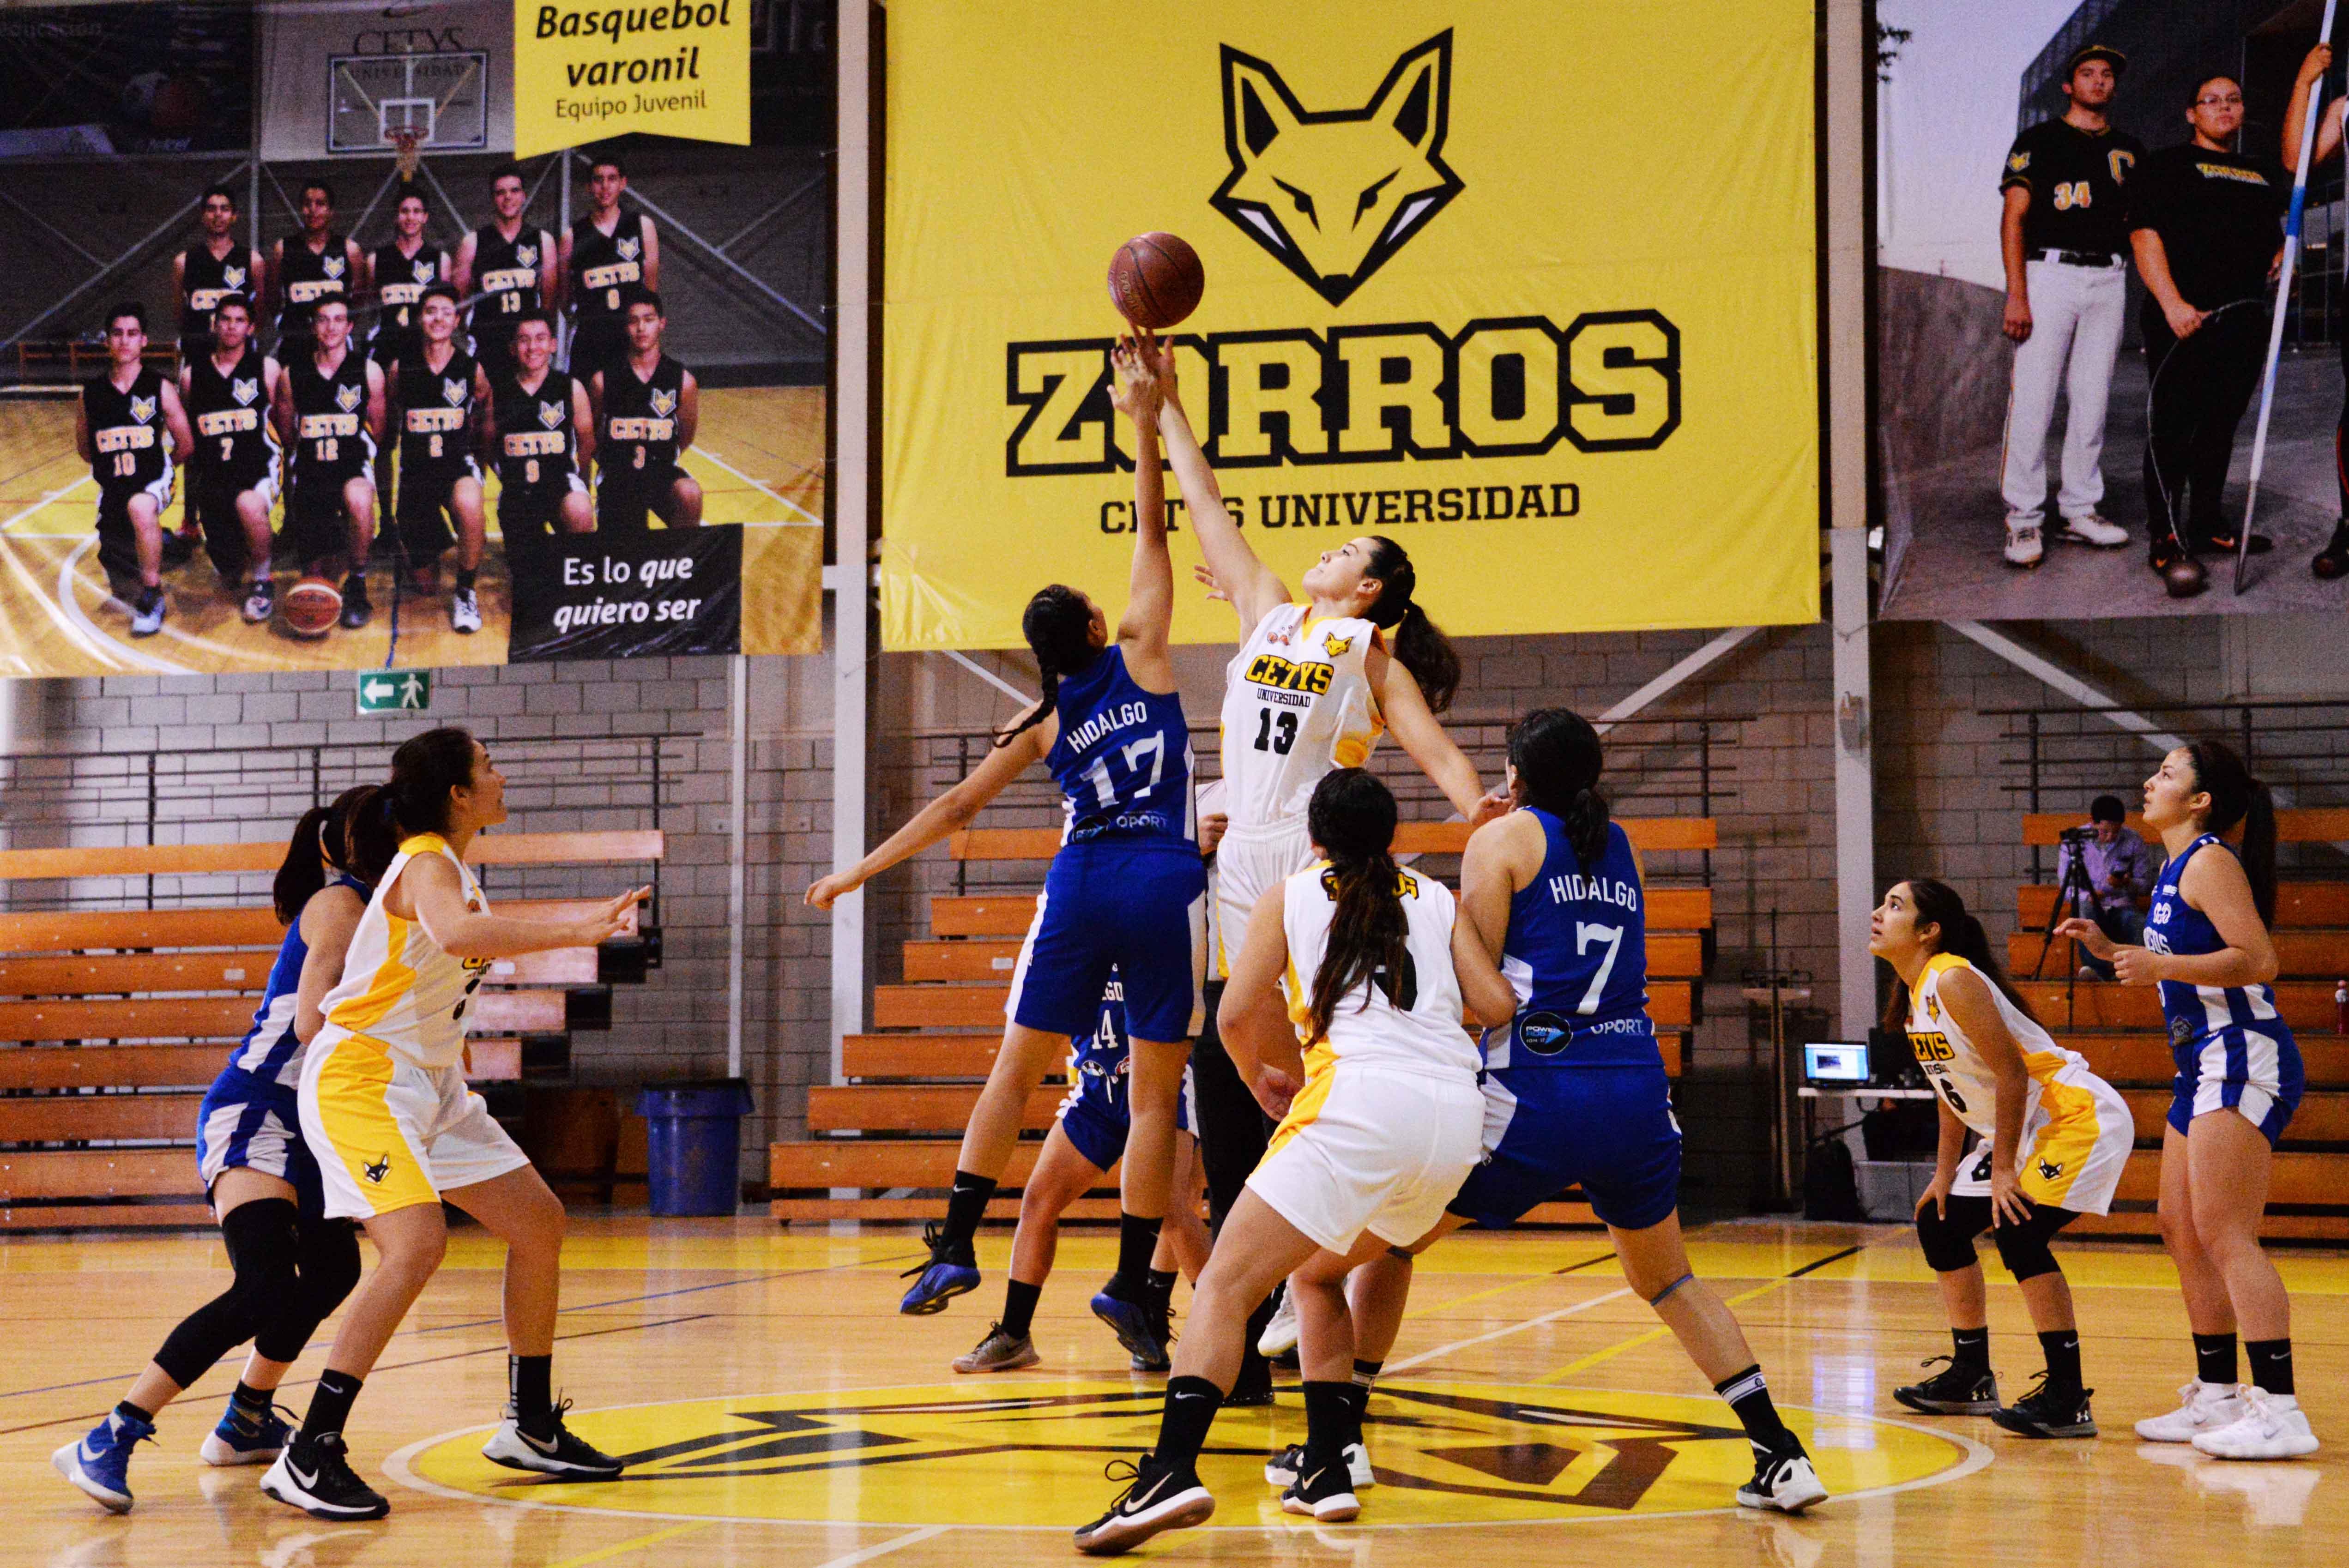 basquetfem (1)